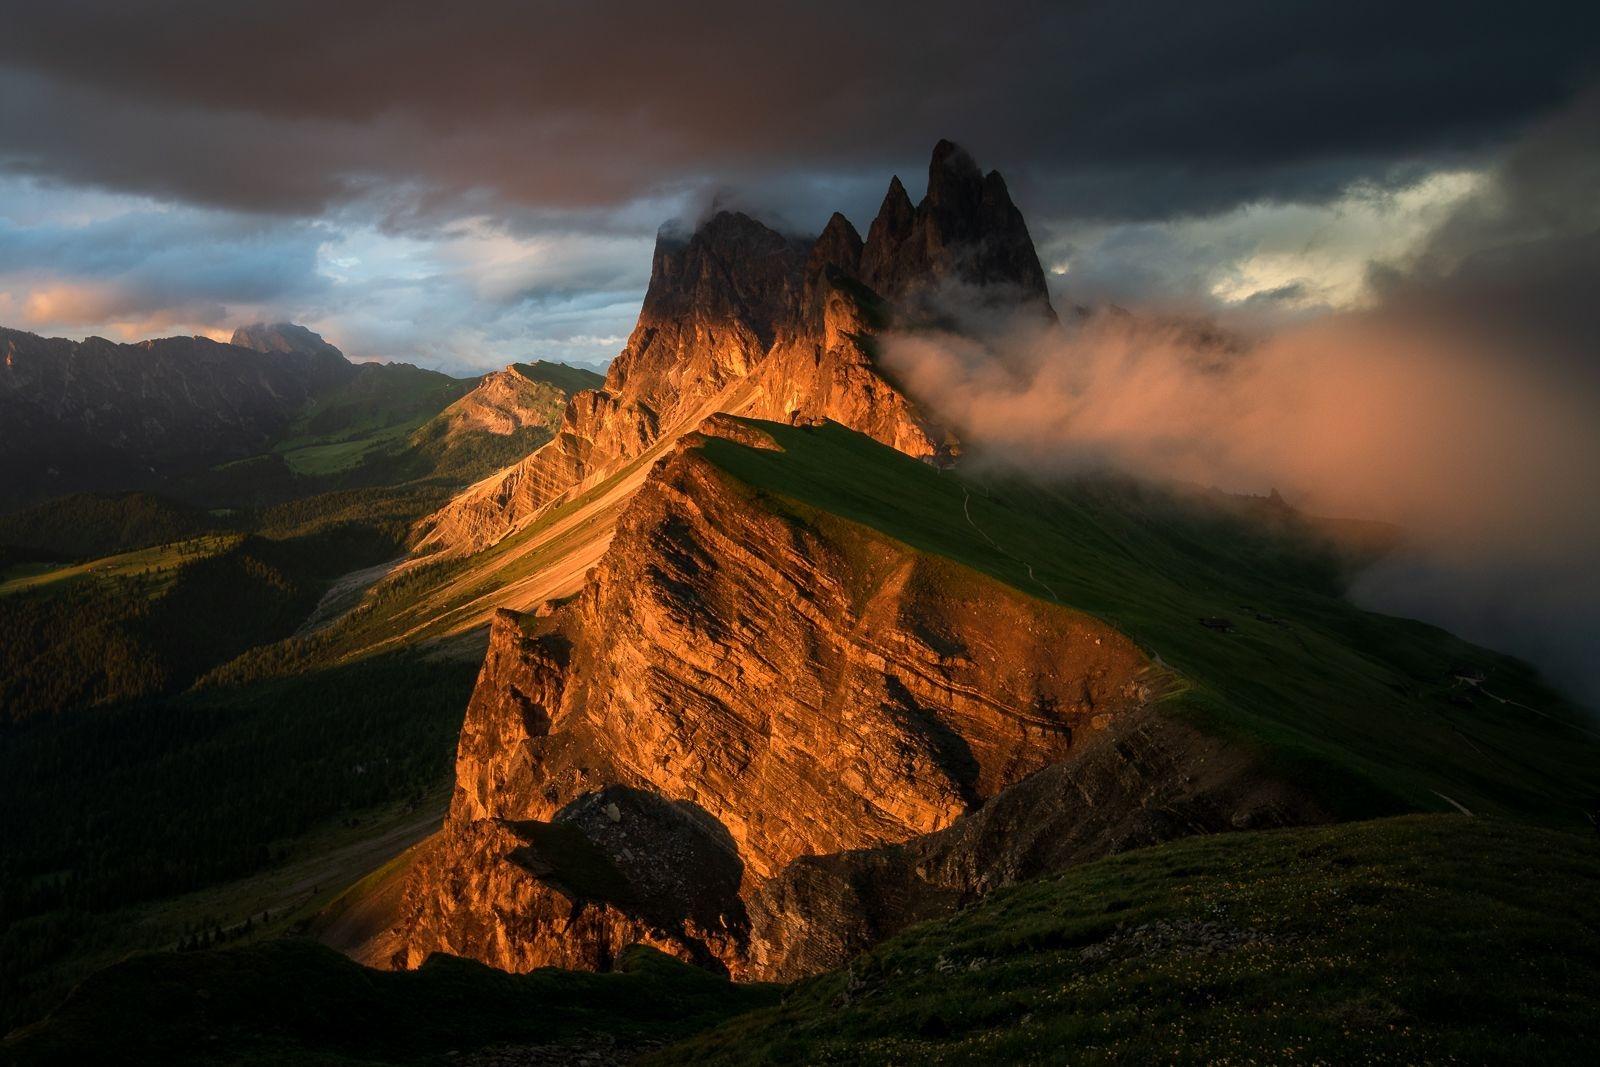 Photograph by Tomasz Przychodzień, National Geographic Your Shot